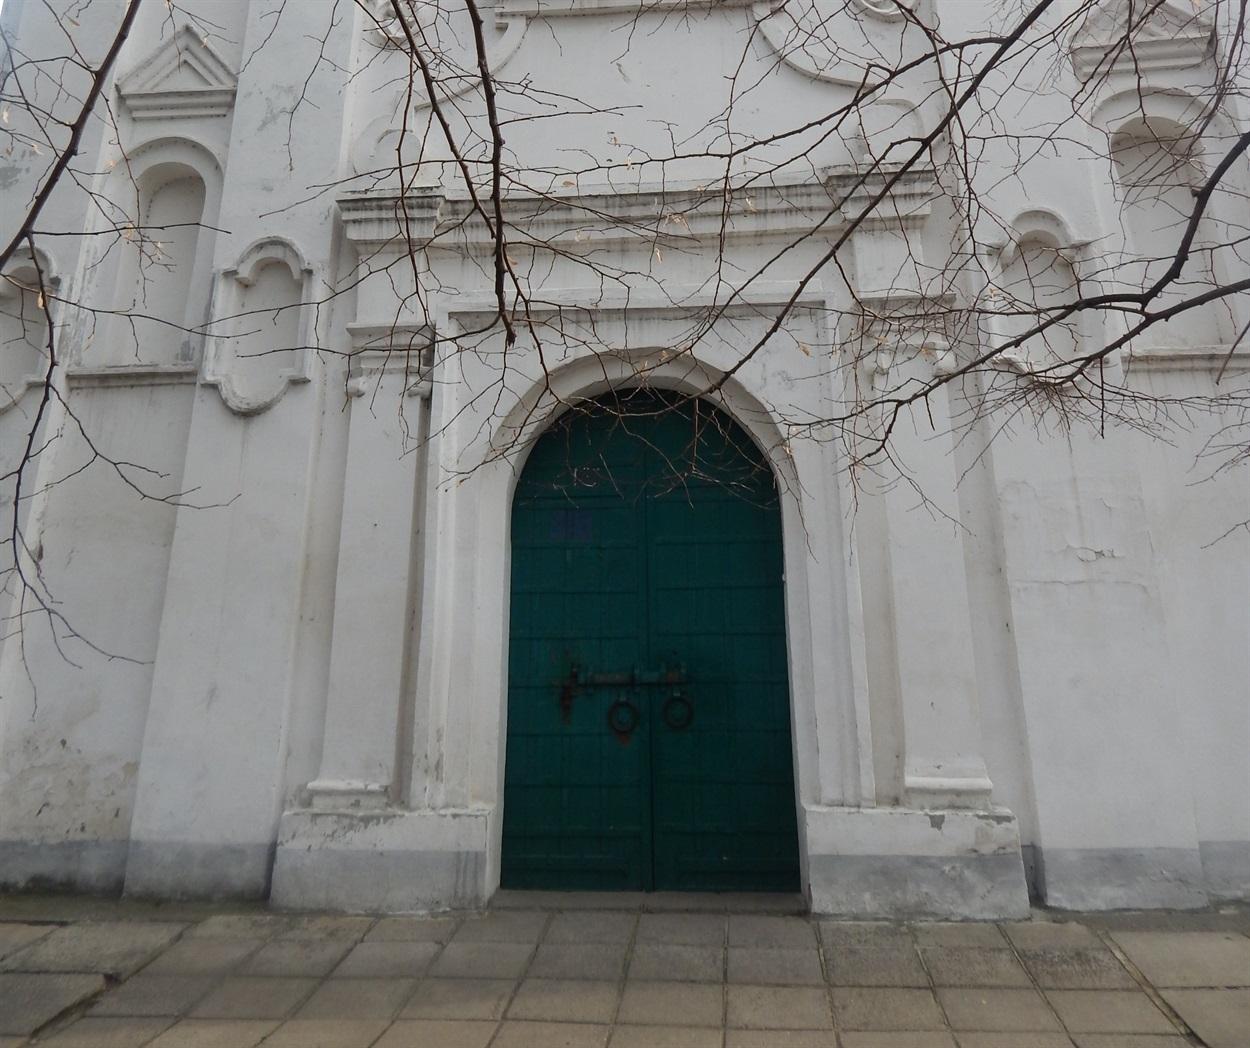 o_1e20dekb516af1gre1tl21qqk1pm952 У Переяславі грабіжники викрали з музею 23 нагороди часів Другої світової війни